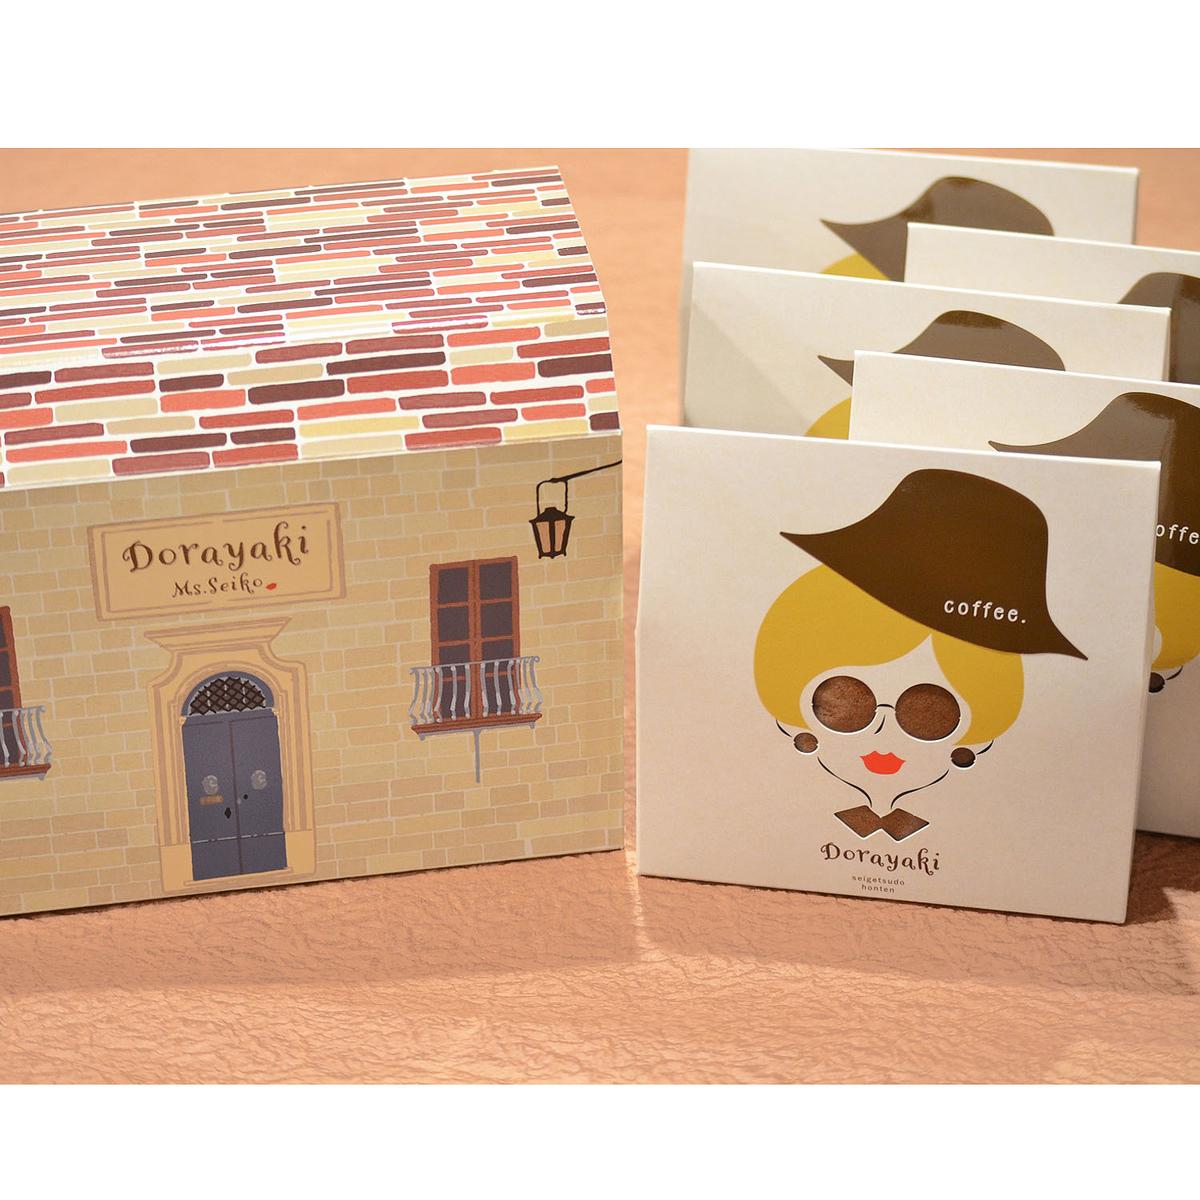 ≪清月堂本店≫DORAYAKI~coffee~ 5個入